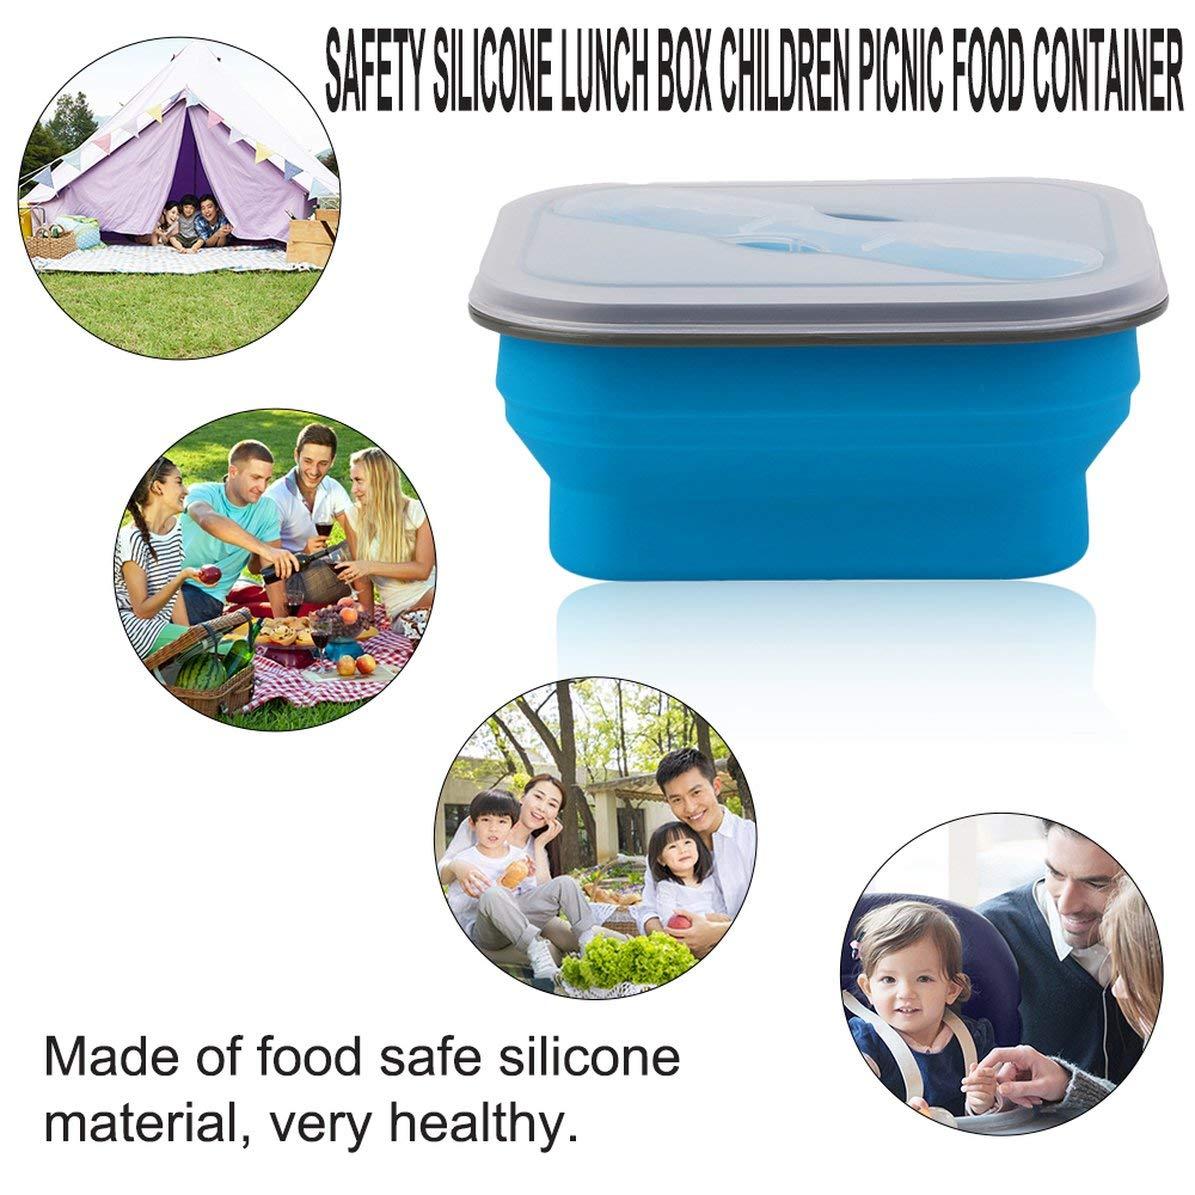 Azul, WEIWEITOE Plegable XF9112-L1 Caja de Almuerzo de Silicona de Seguridad Ni/ños Ni/ños Picnic Contenedor de Comida Cajas de Almacenamiento Lonchera port/átil